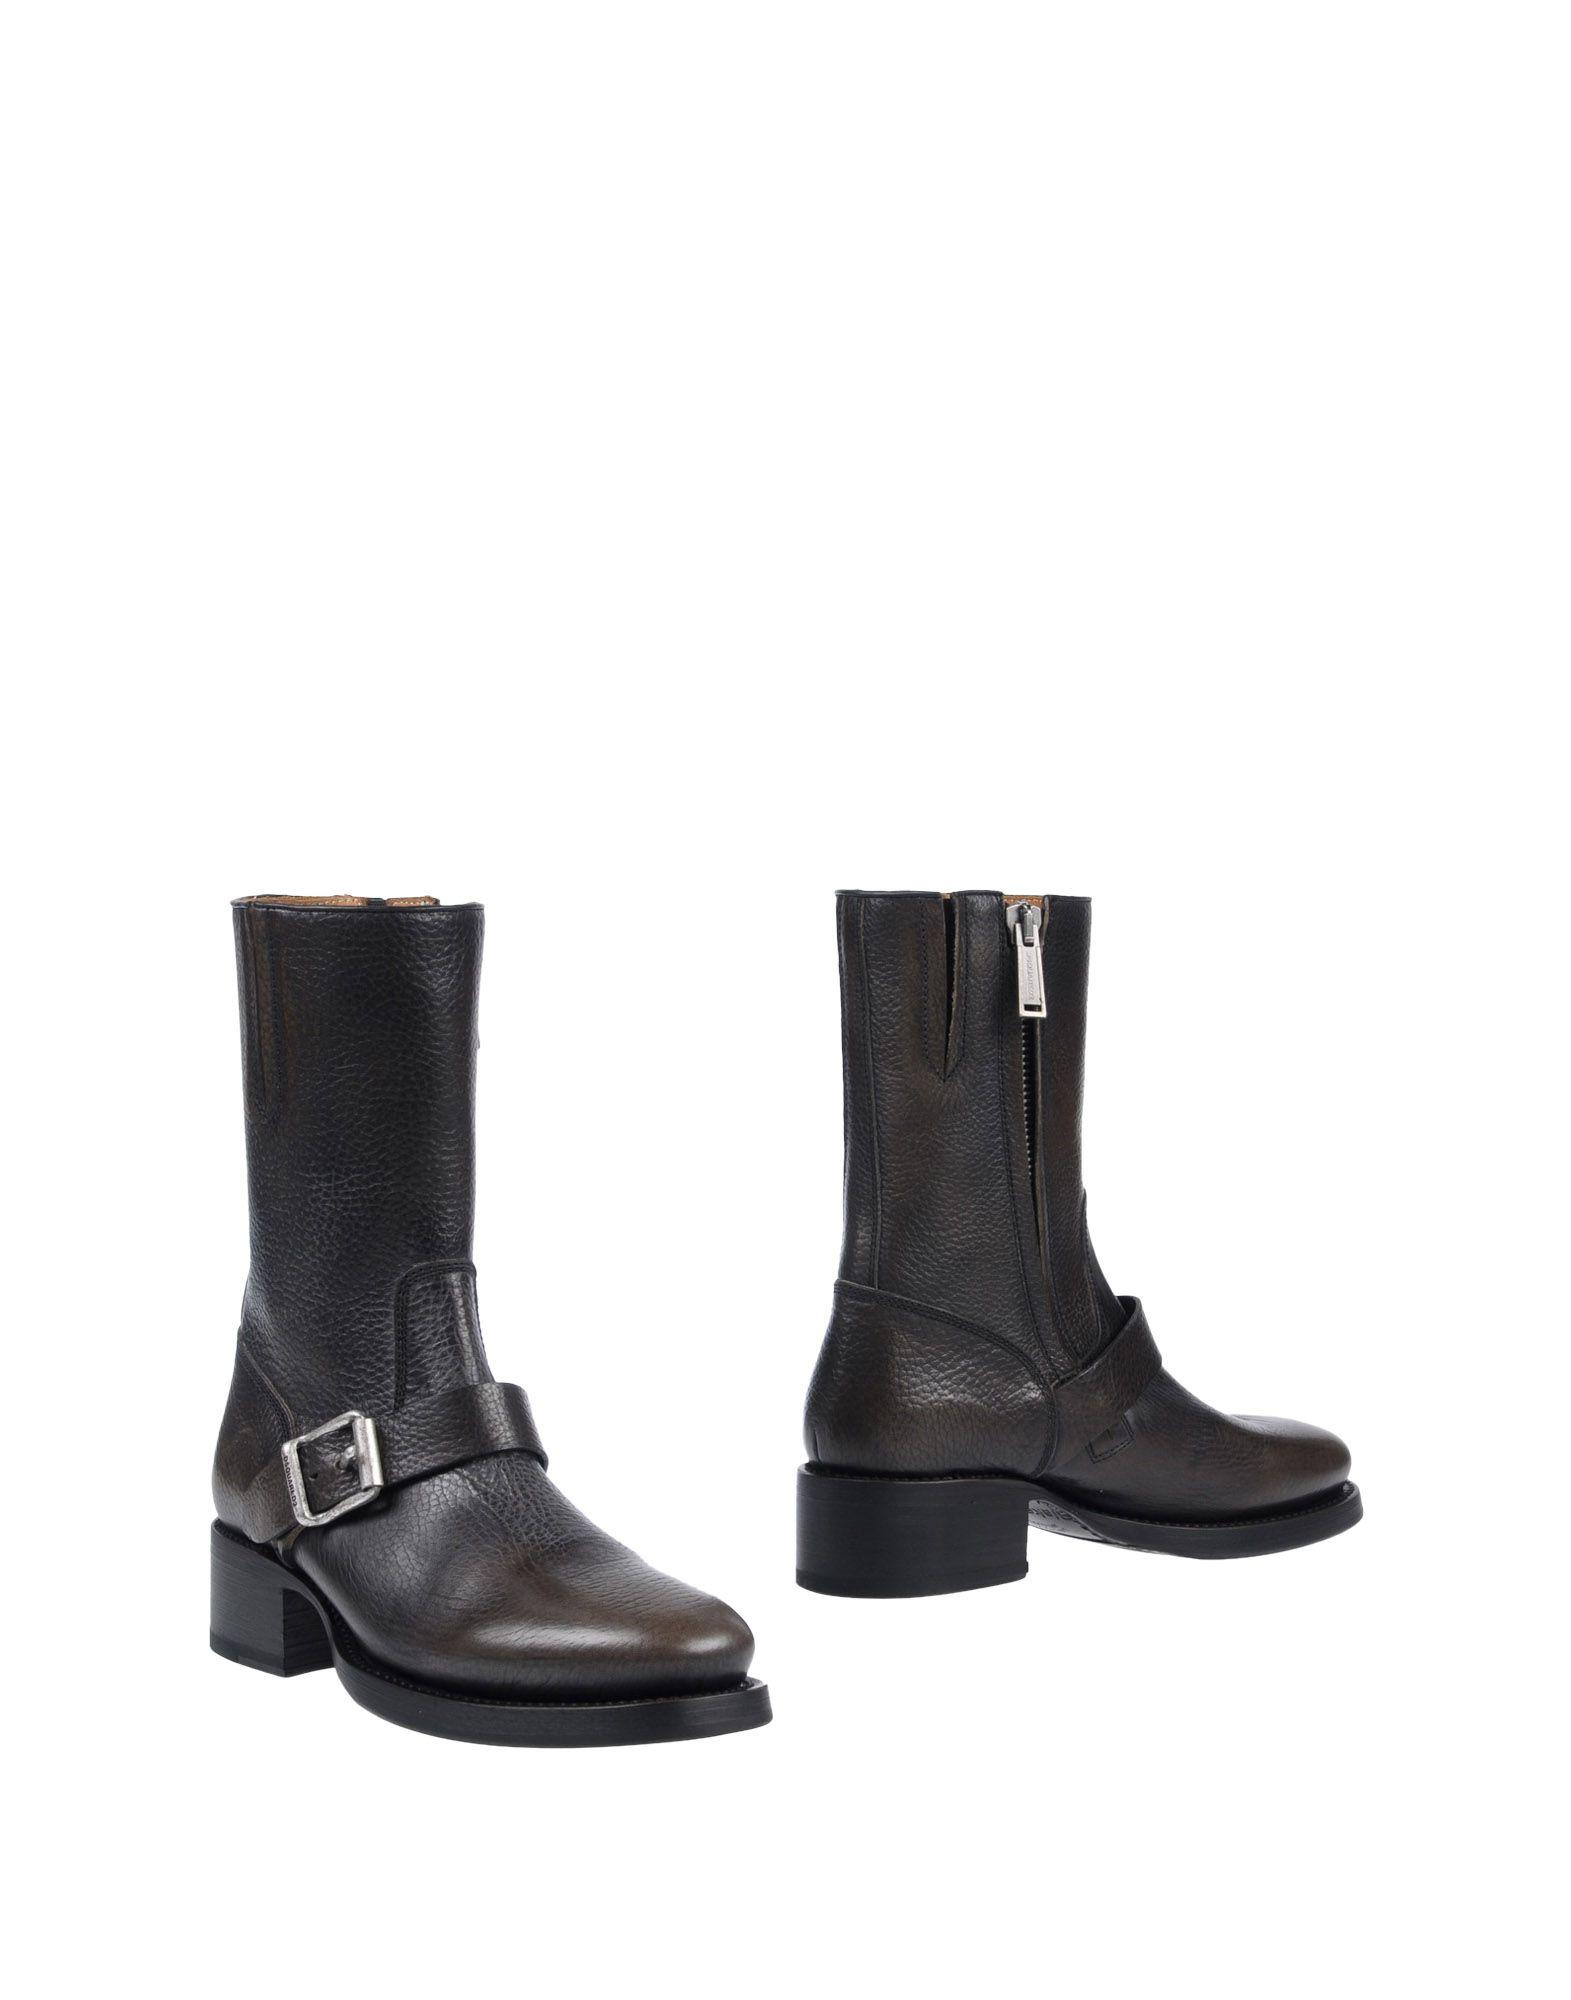 Dsquared2 Stiefelette Herren  11075743FO Gute Qualität beliebte Schuhe